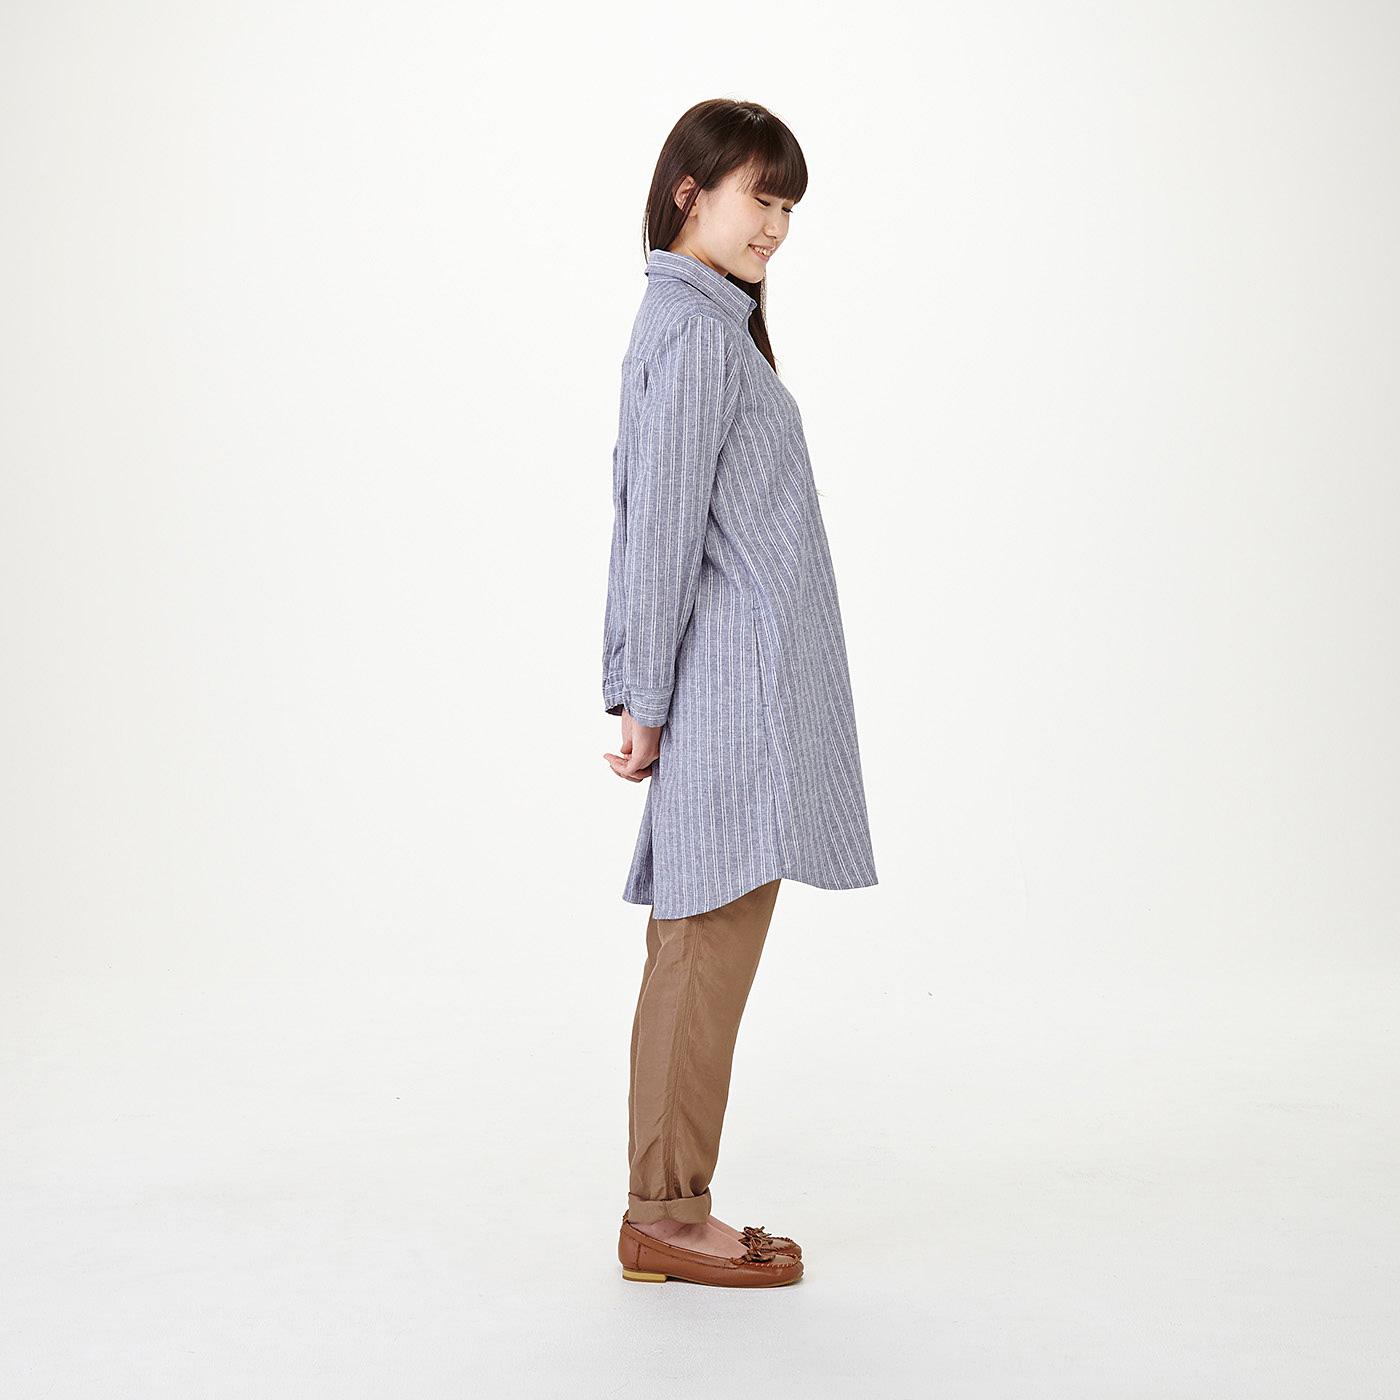 モデル身長約160cm 着用サイズM サイドはラウンドカットですらりと脚長に見えます。